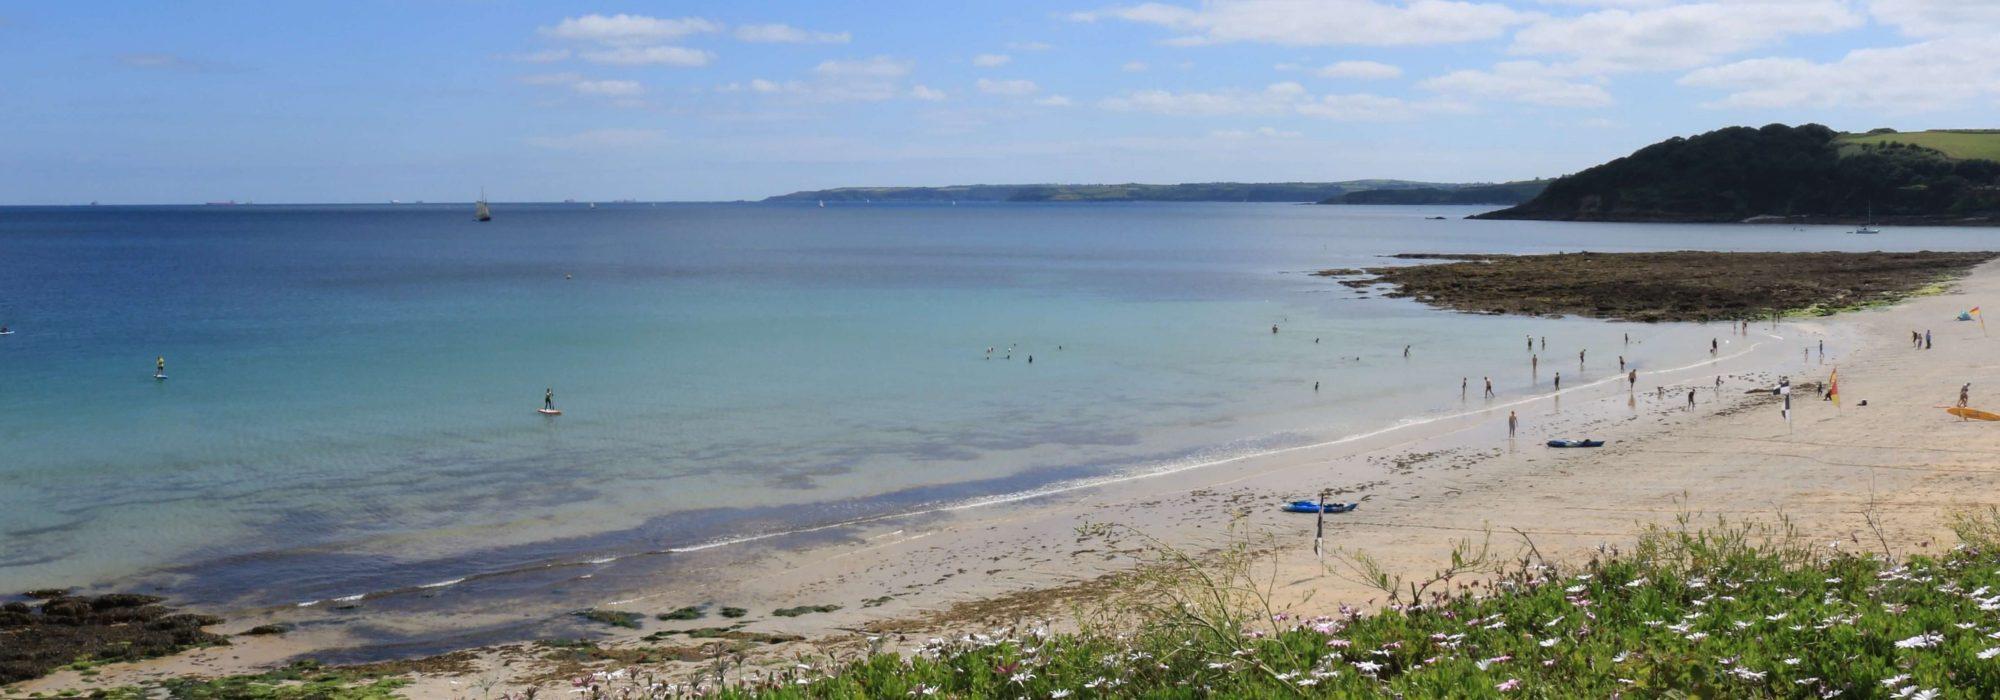 Gyllyngvase Beach - Falmouth